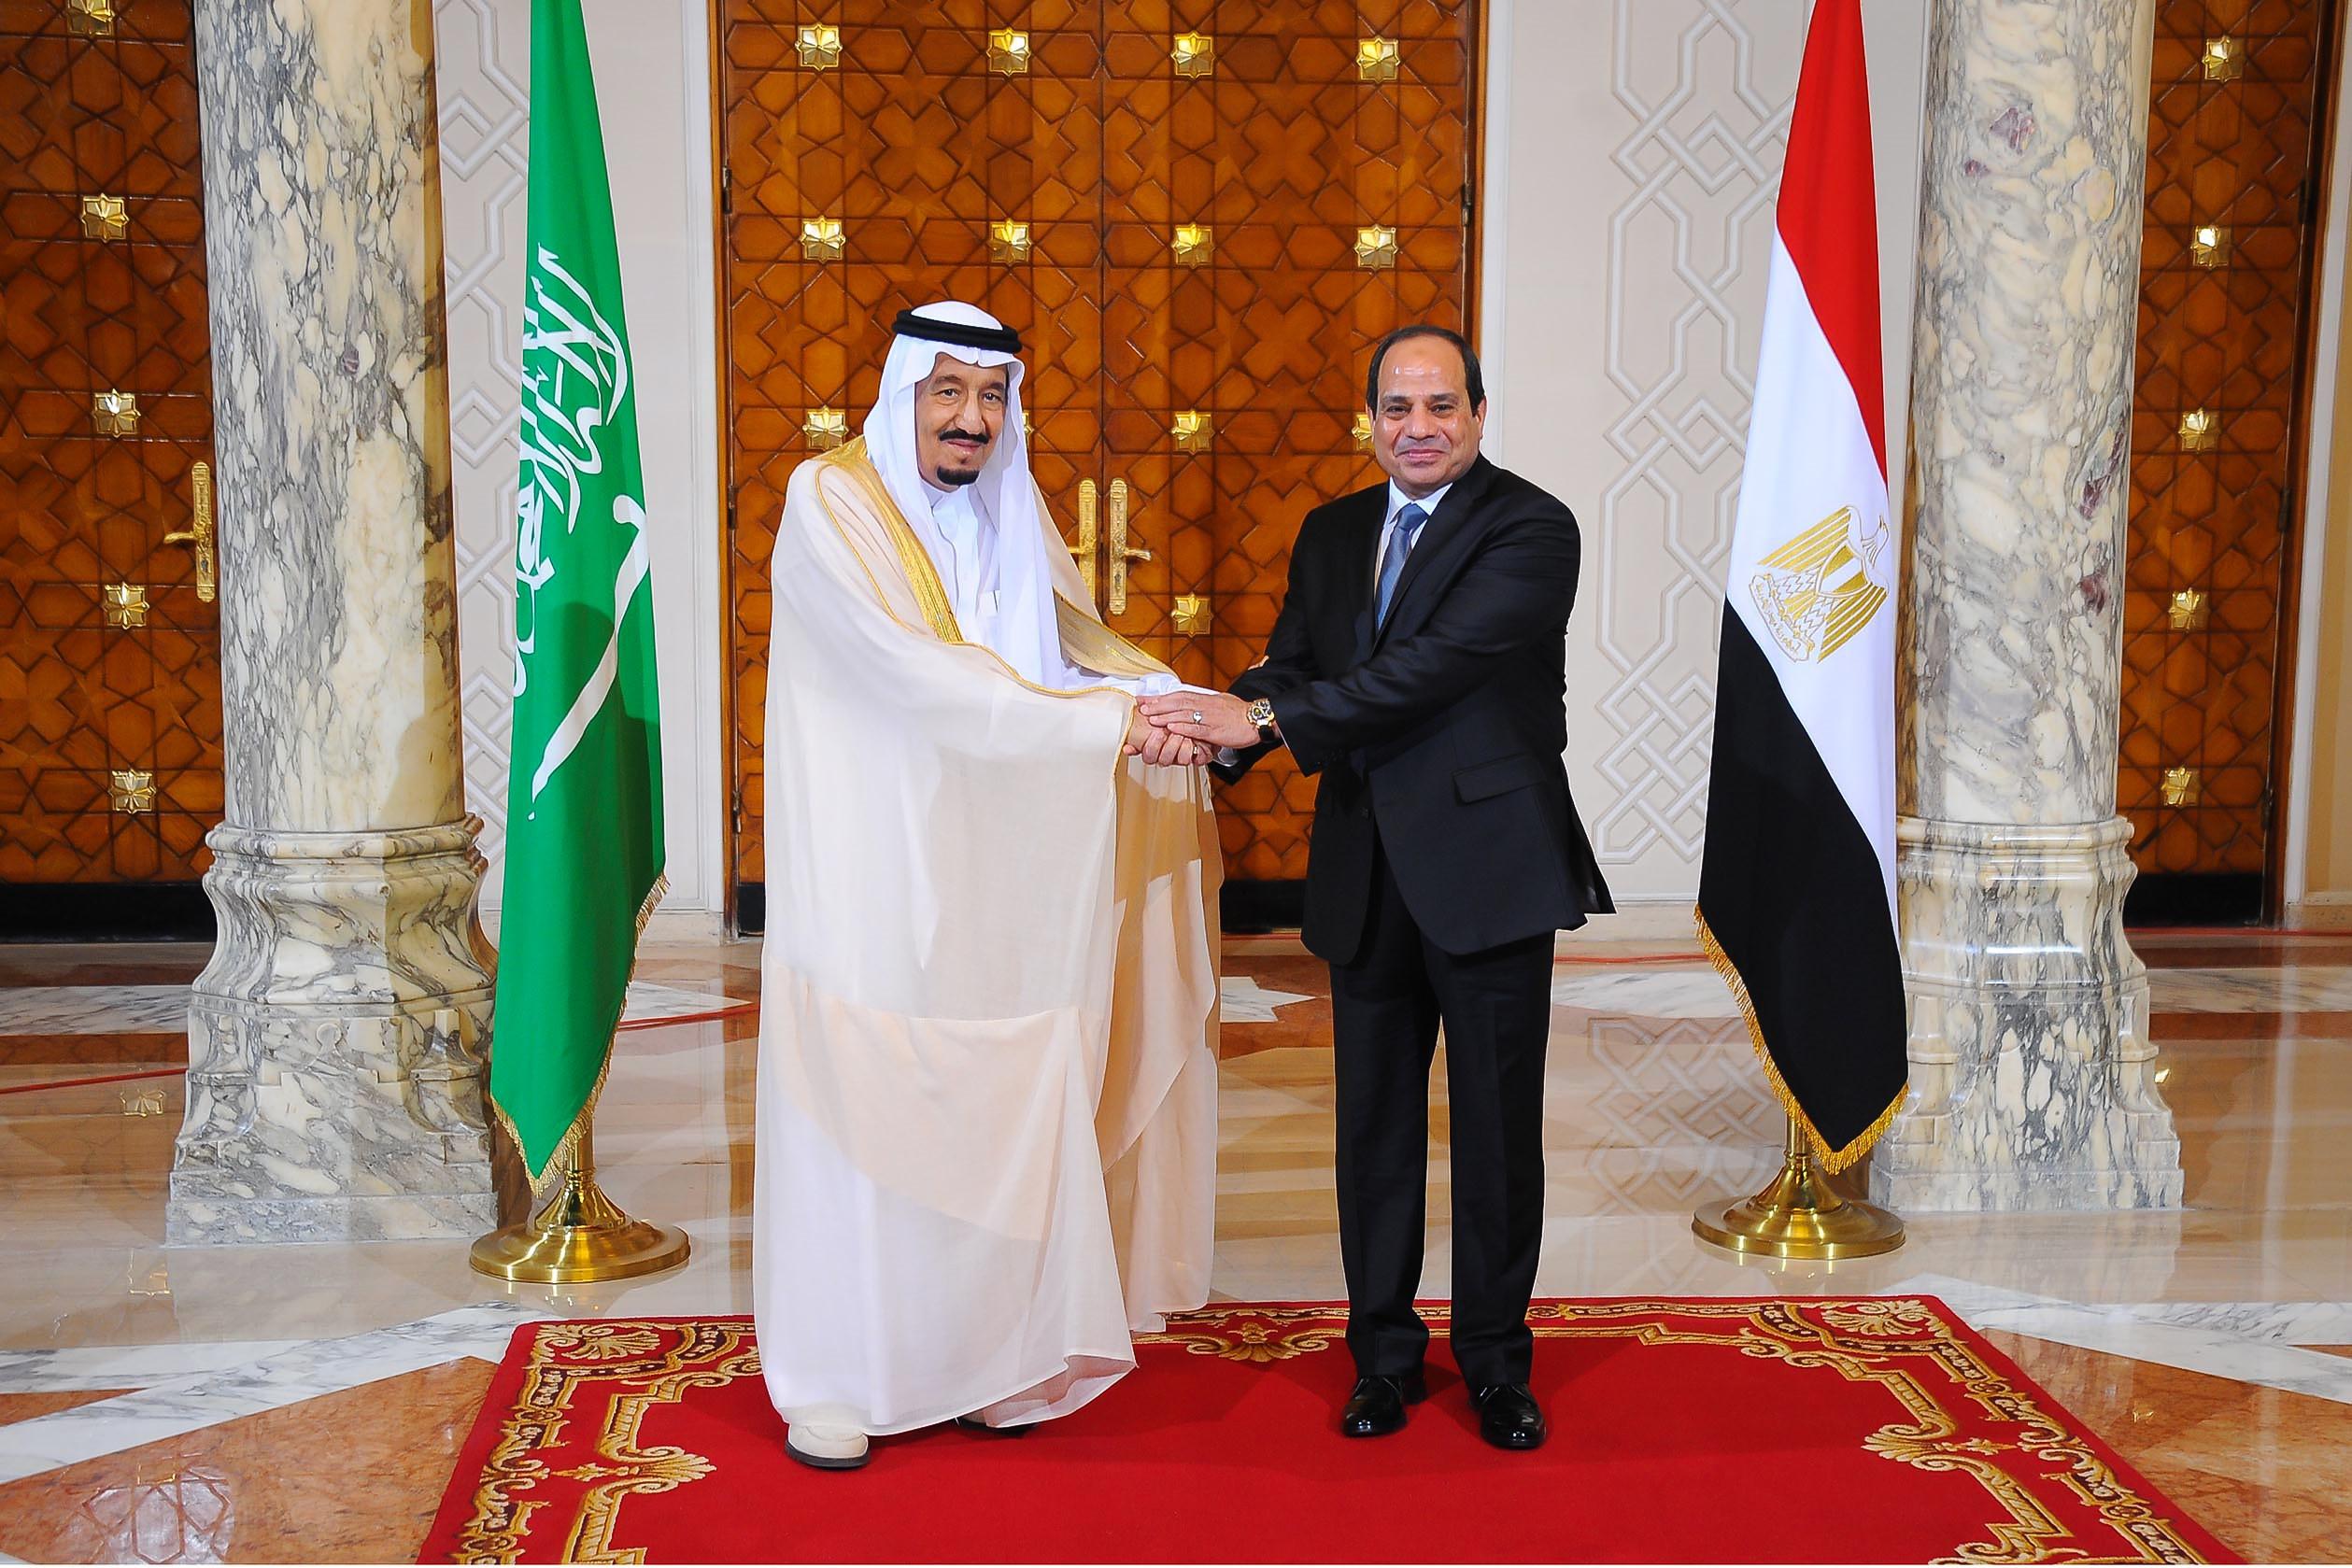 Híd kötheti össze Szaúd-Arábiát és Egyiptomot a Vörös-tenger felett